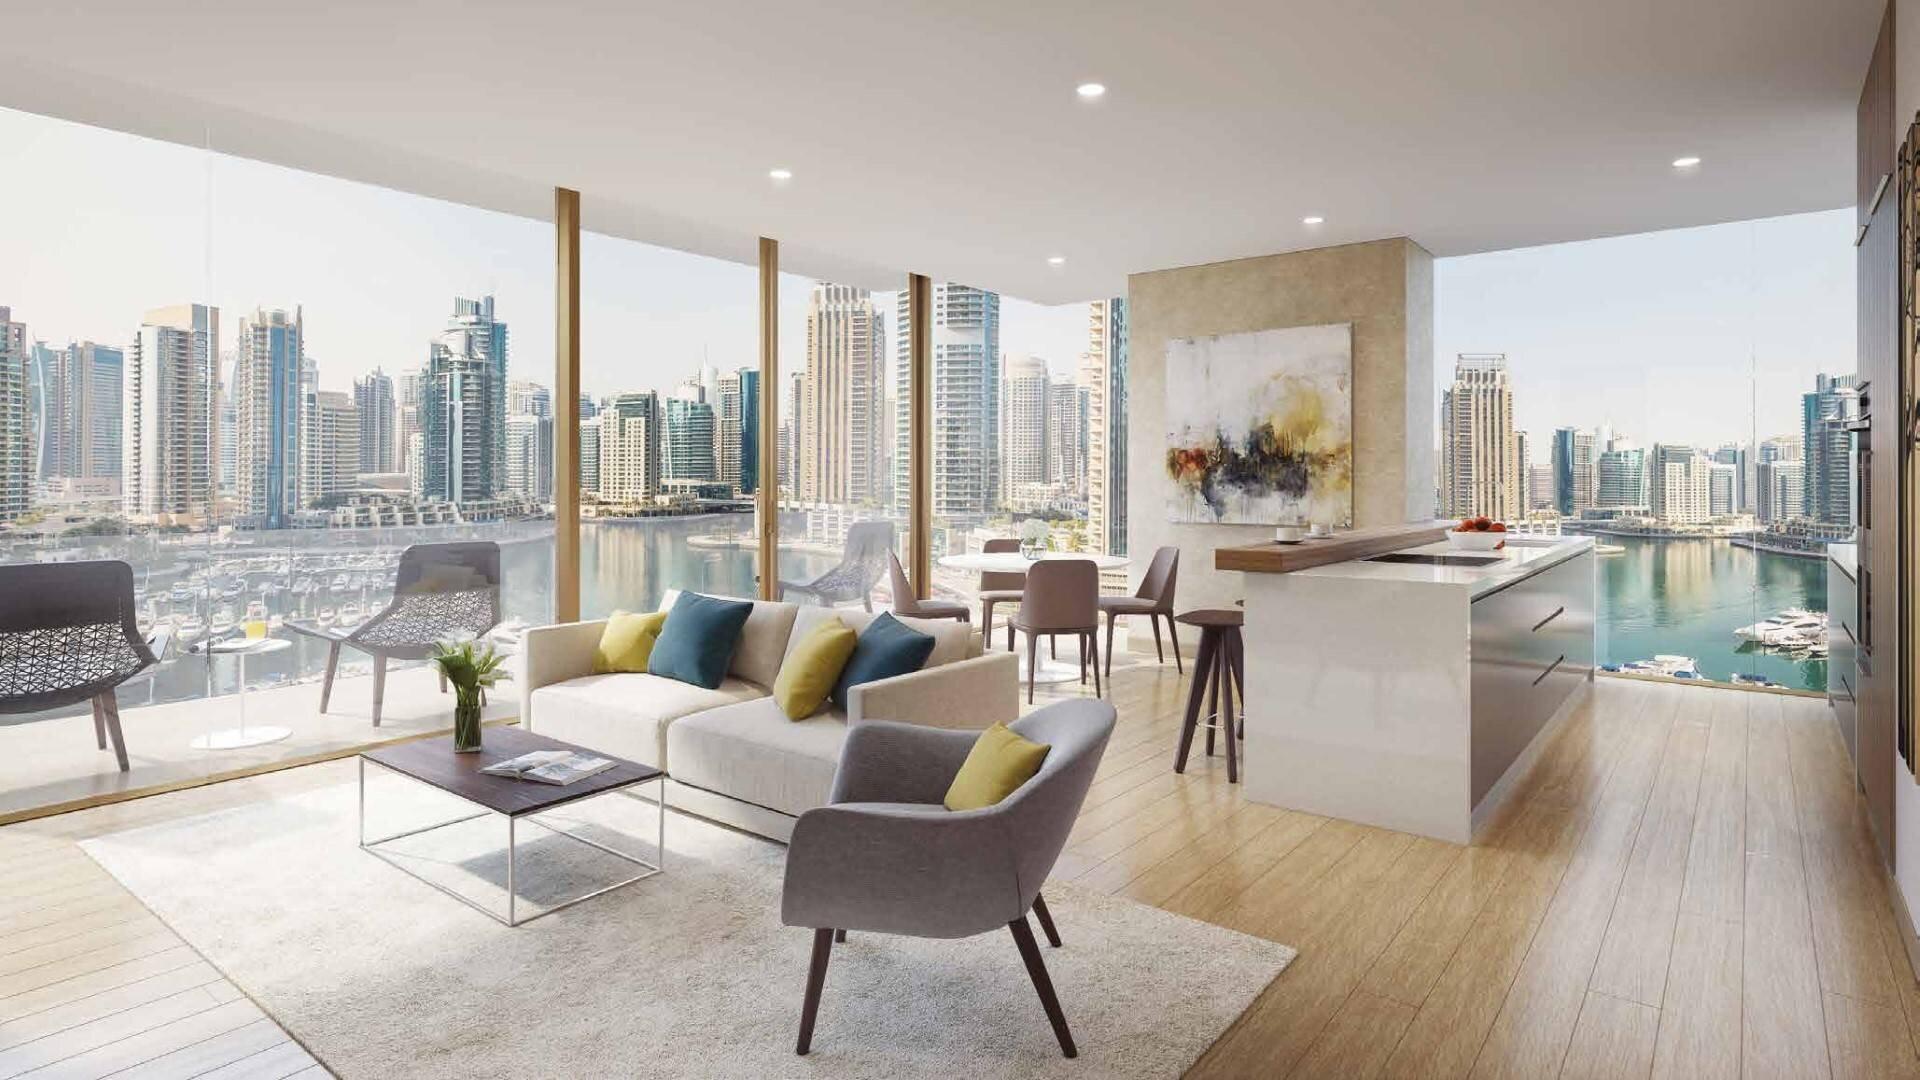 Apartamento en venta en Dubai, EAU, estudio, 57 m2, № 24239 – foto 1